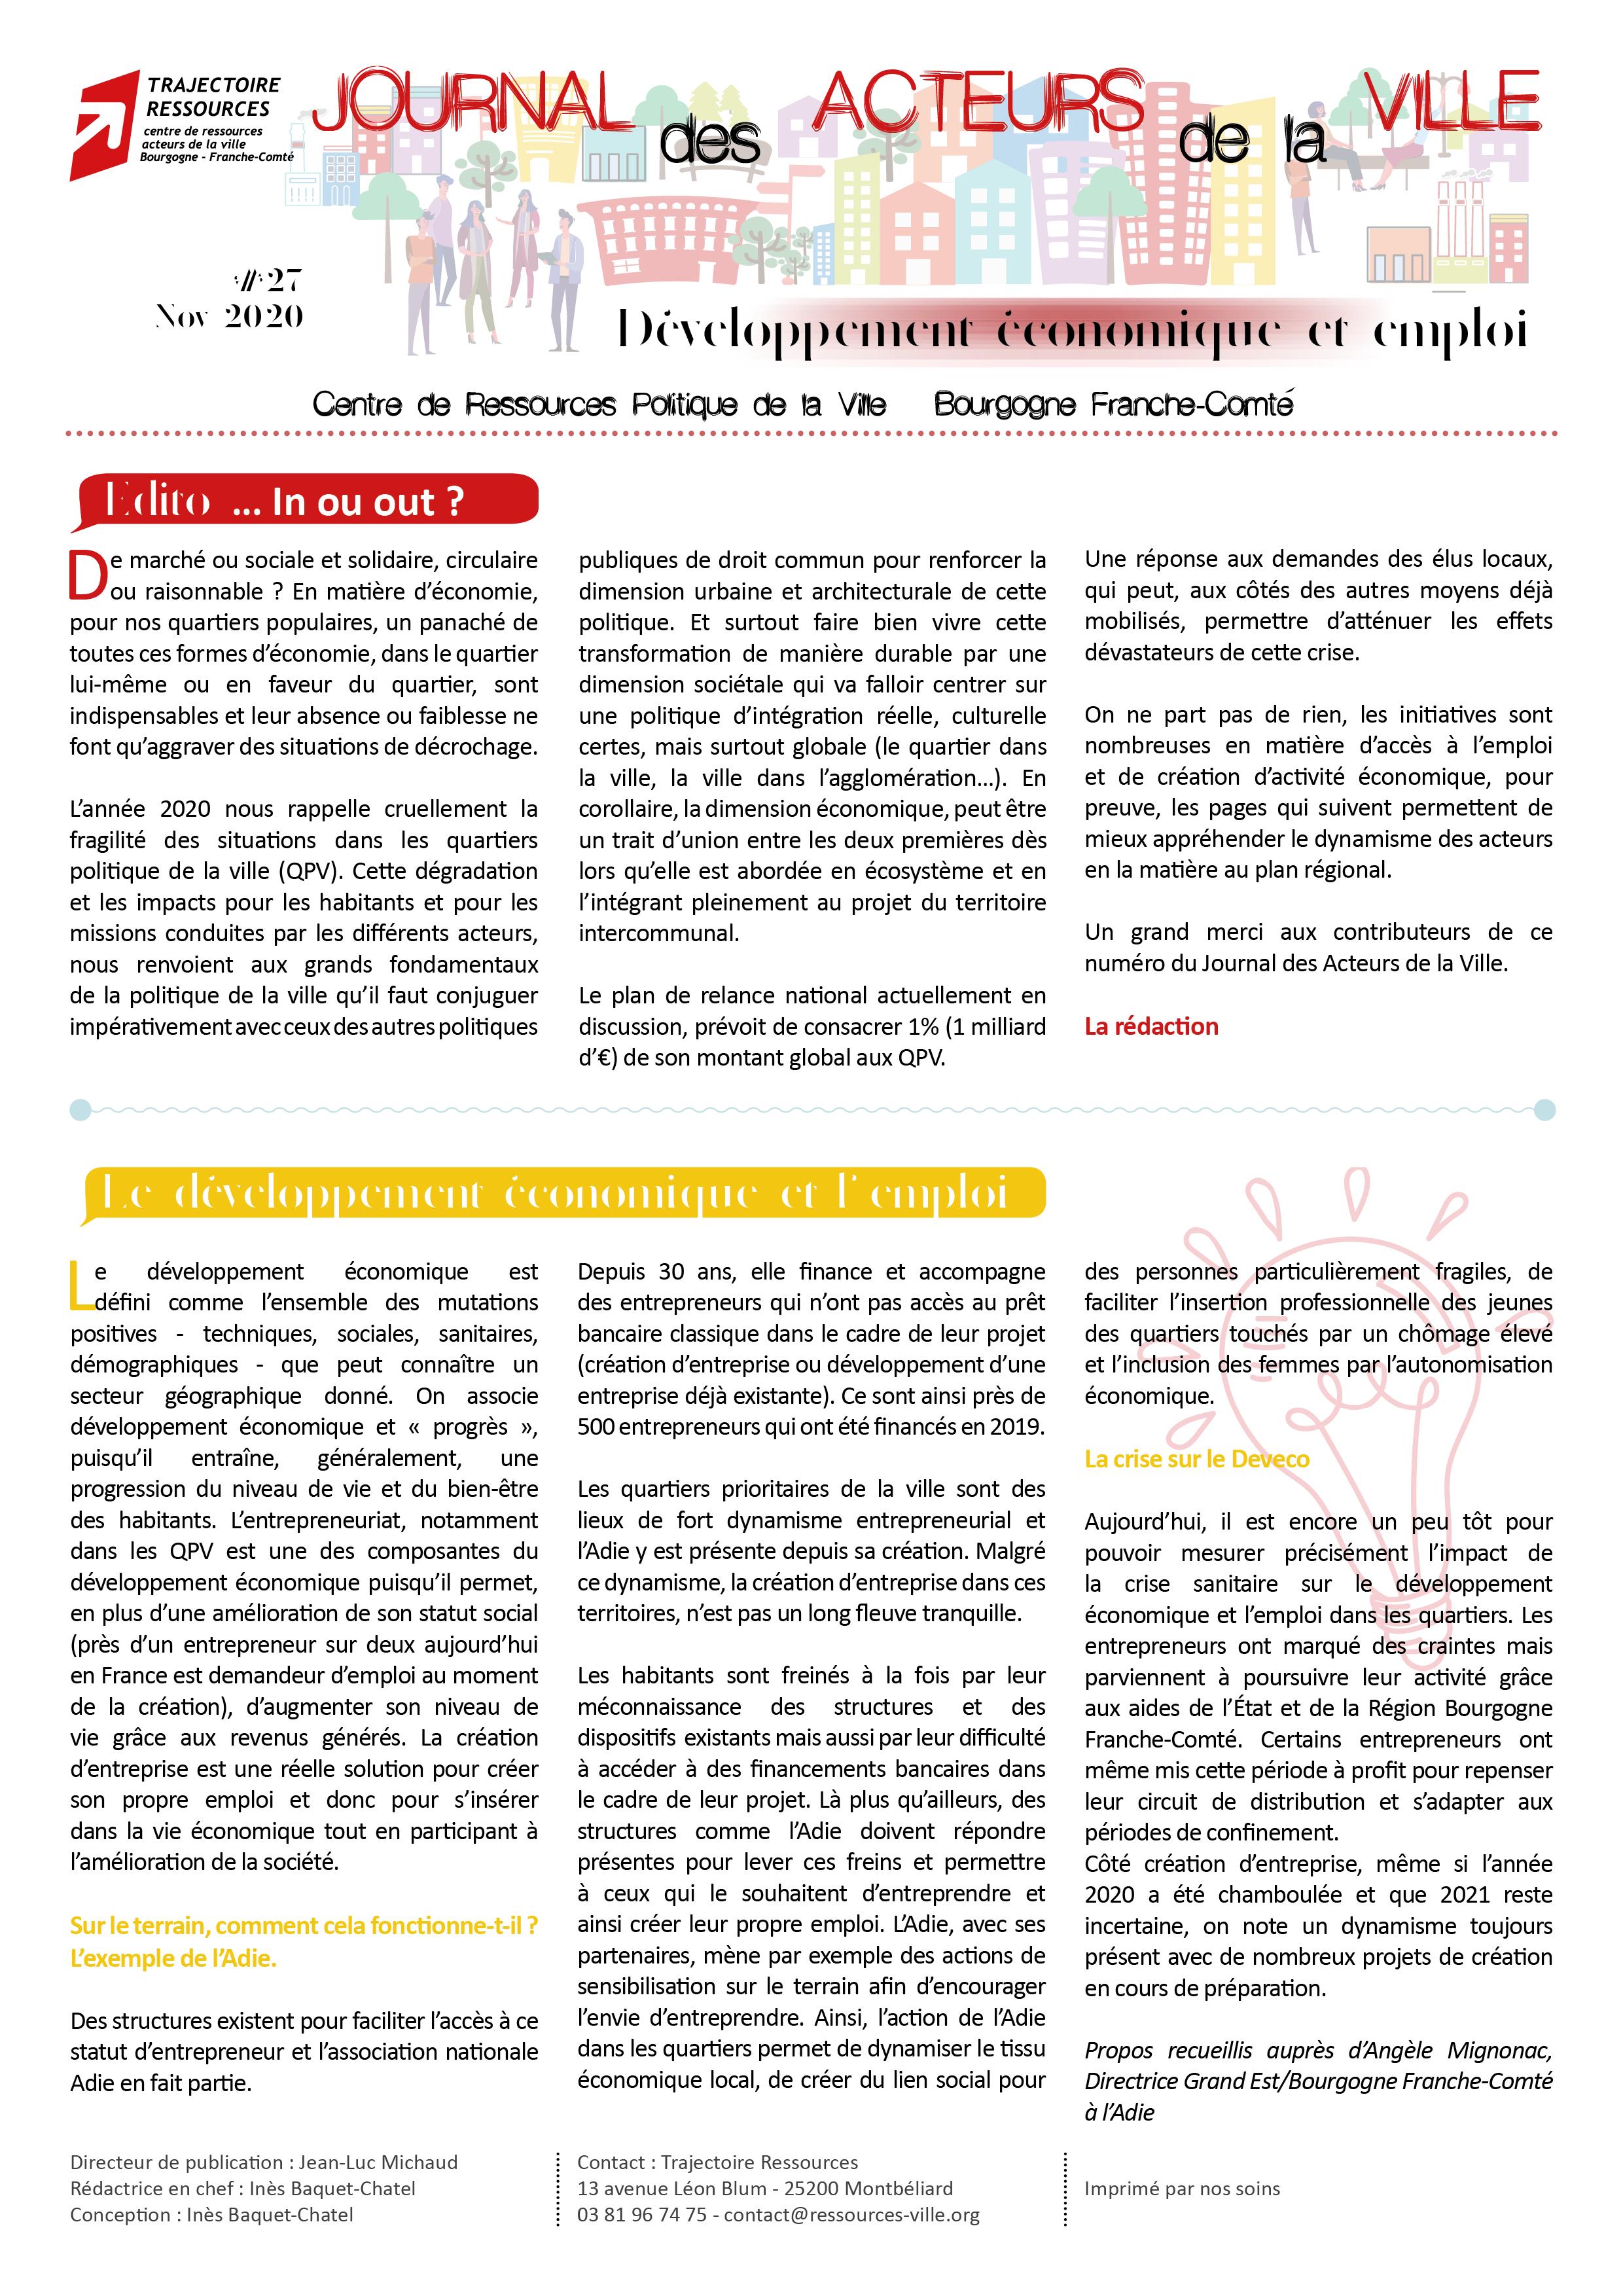 Journal des acteurs de la ville : Développement économique et emploi